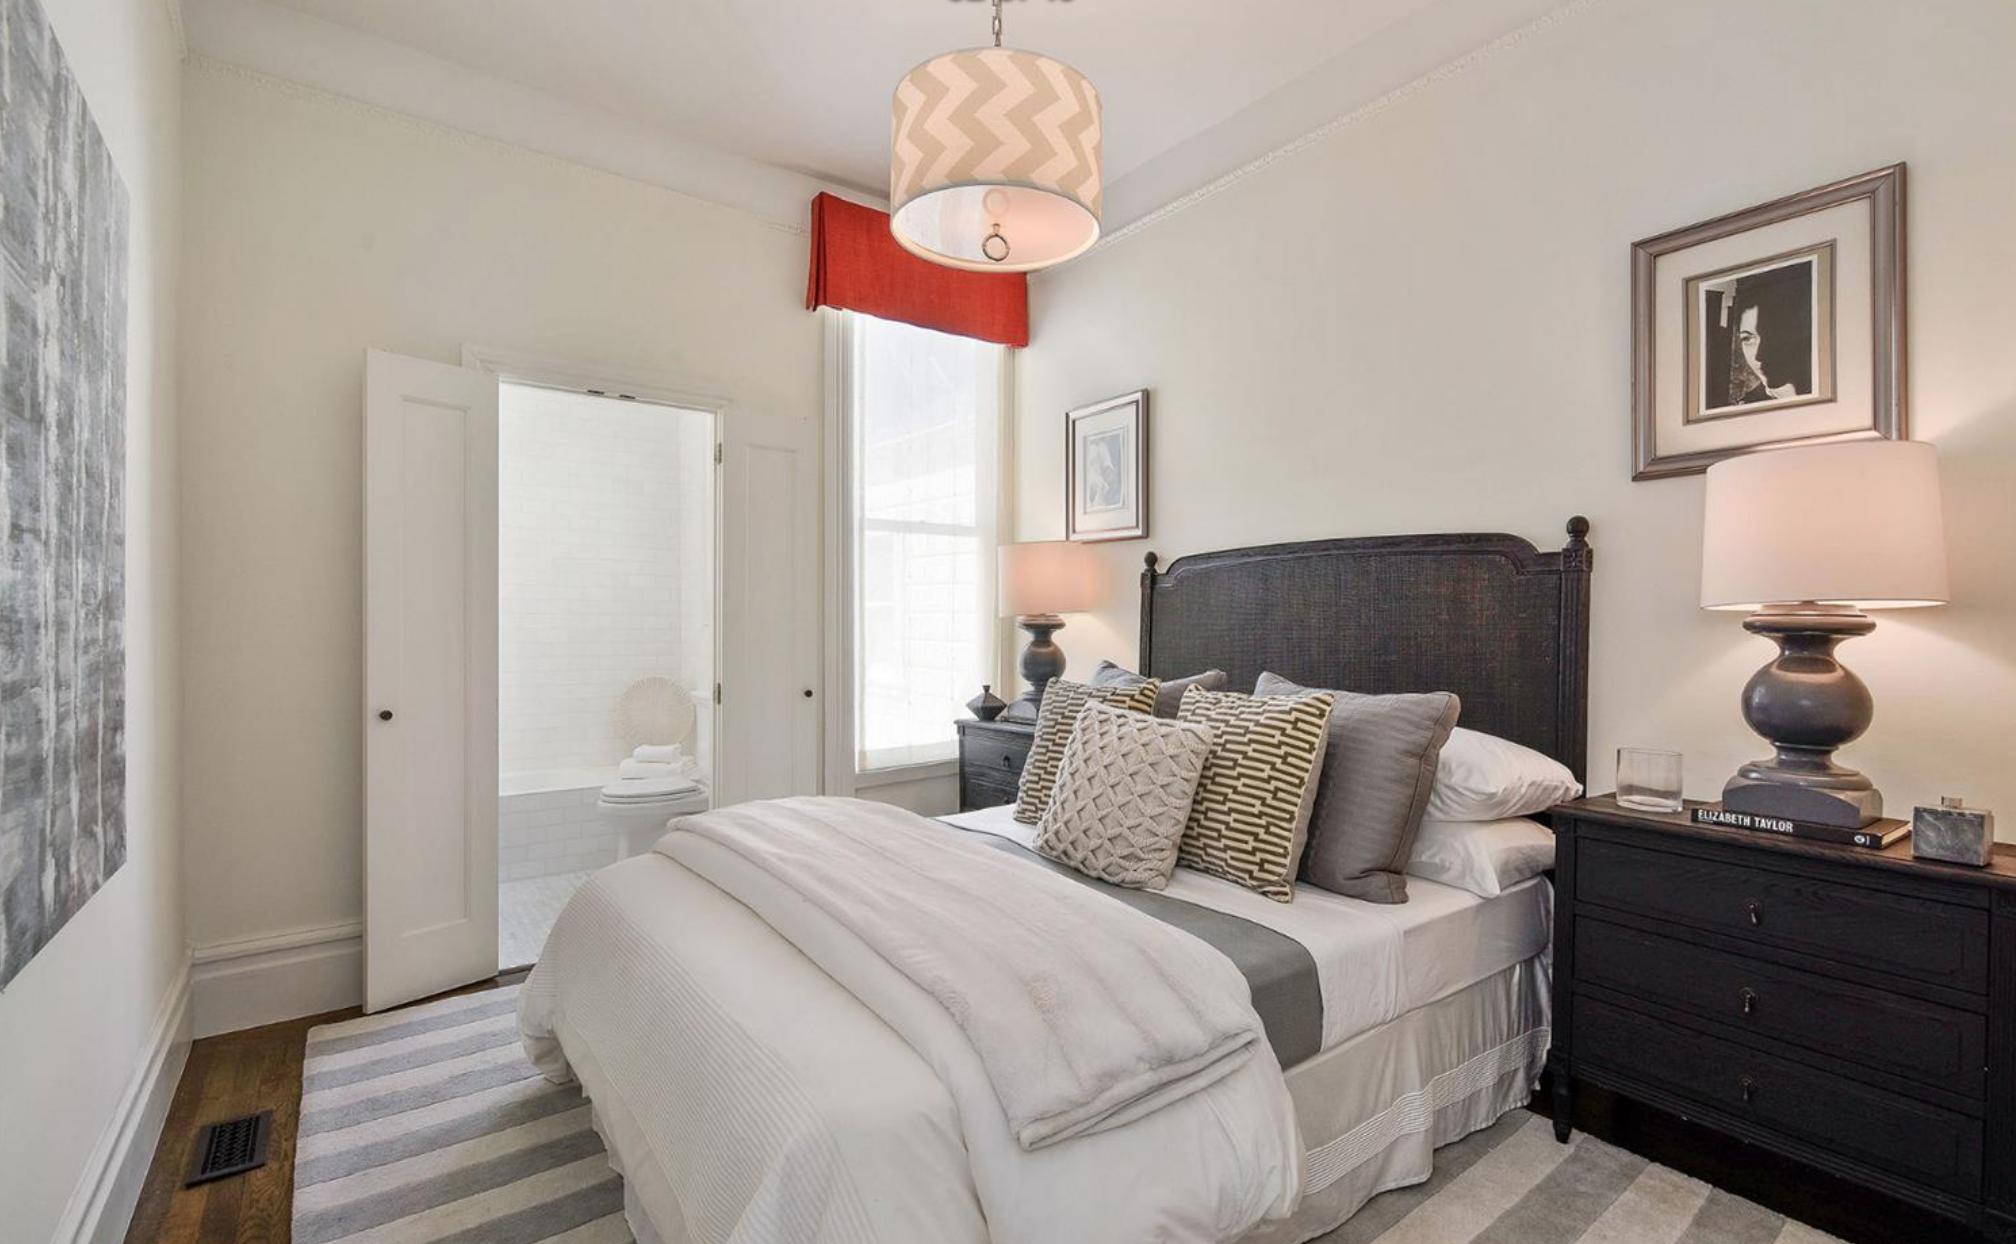 605 Waller Street - Master Bedroom